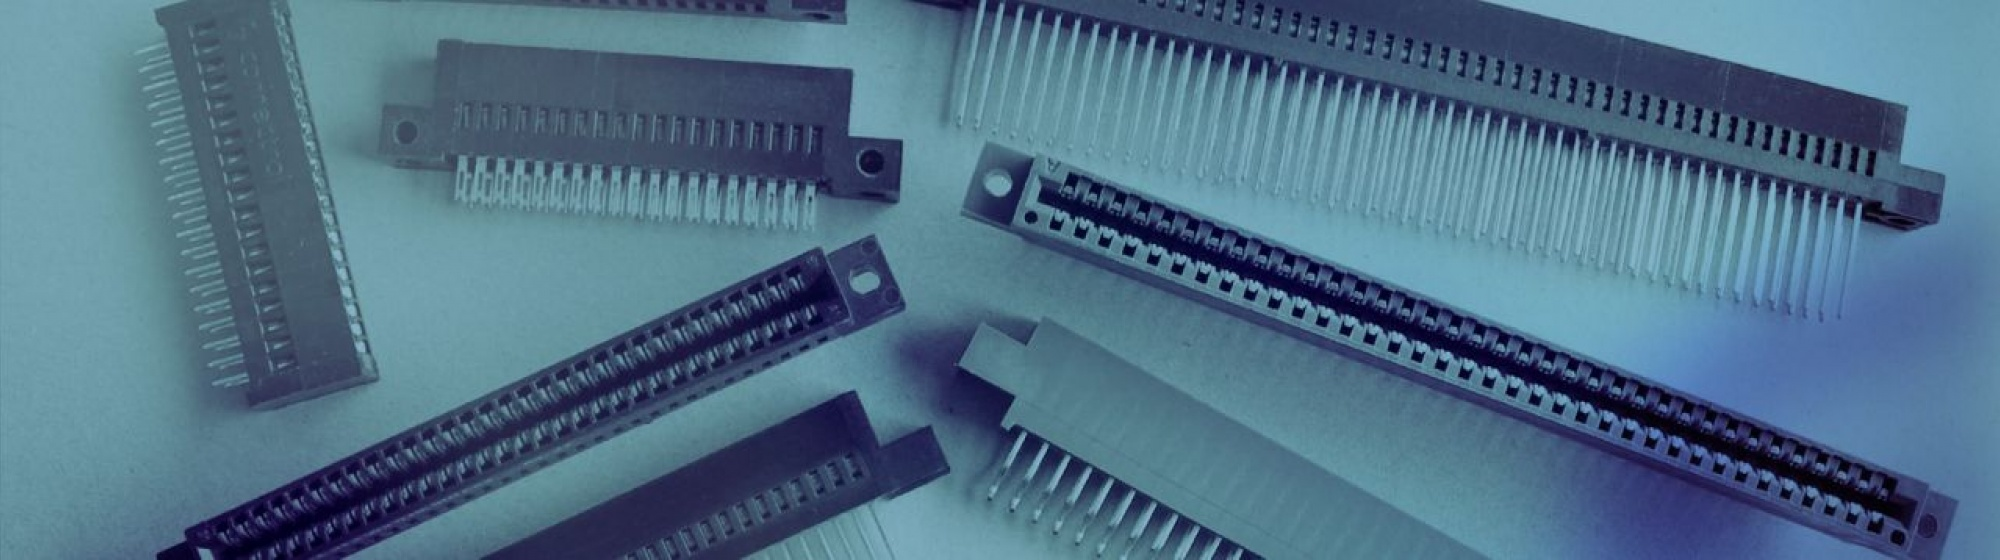 Connectique, cablage, cordons et limandes pour professionnels - Européenne de Composant Electroniques | ERCE sas